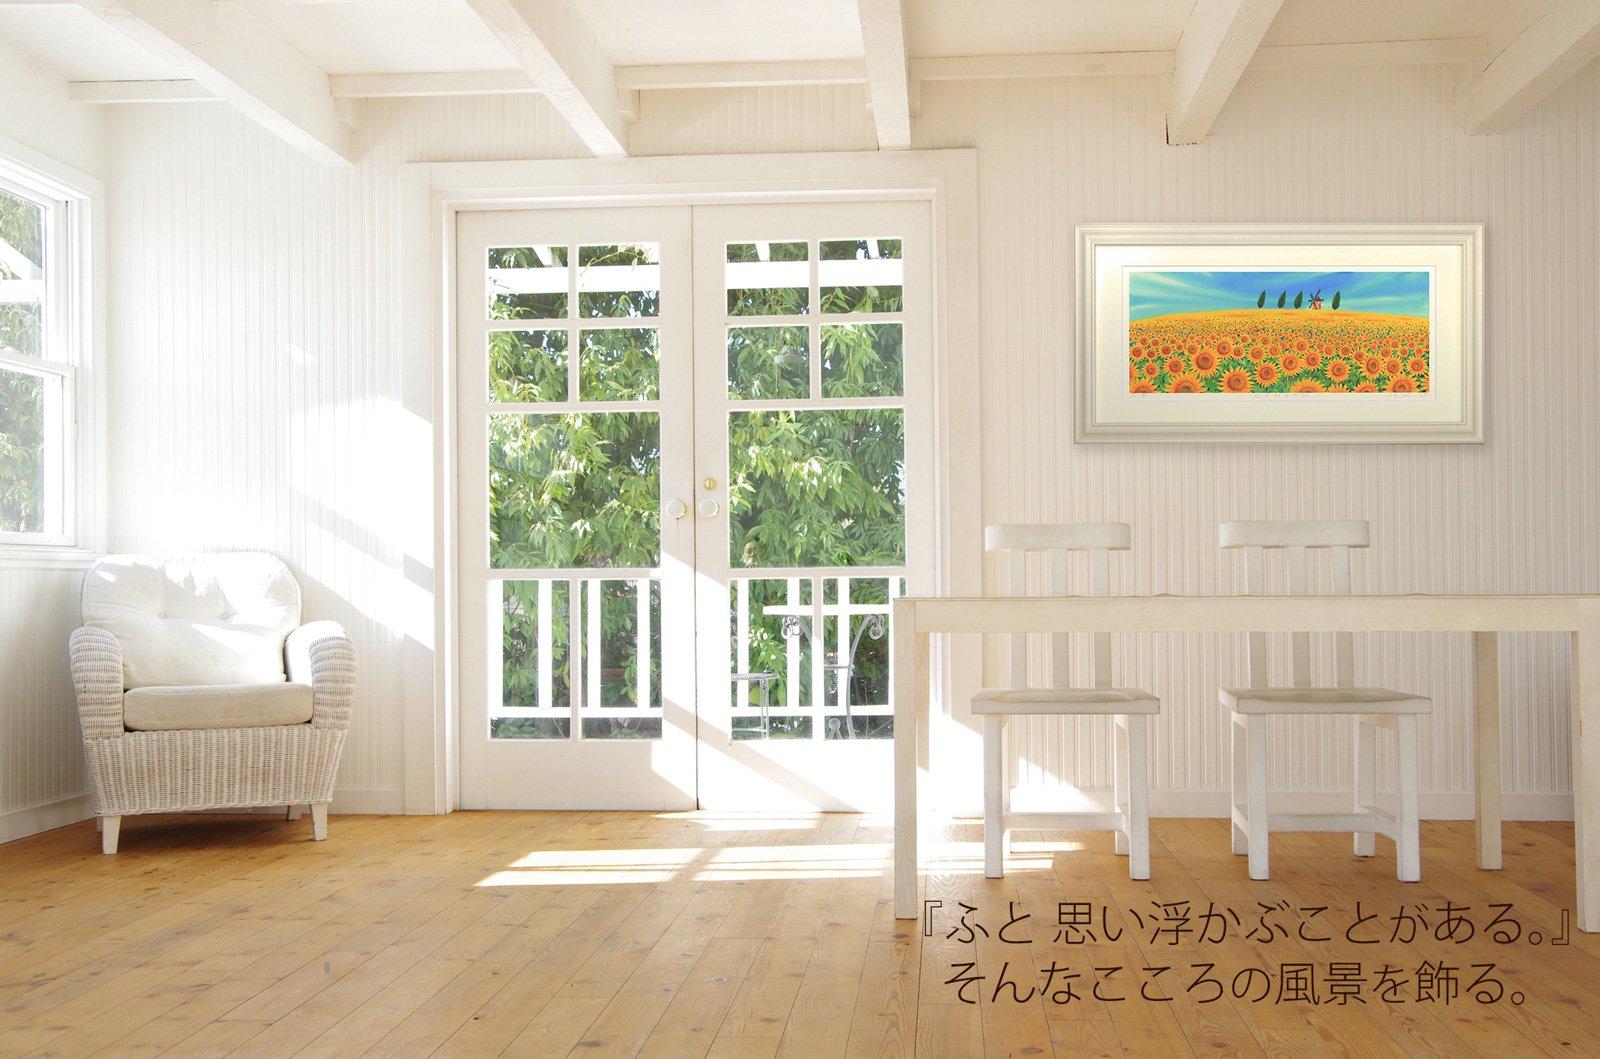 《絵画 水彩画》菜の花の道〔栗乃木ハルミ くりのきはるみ 〕